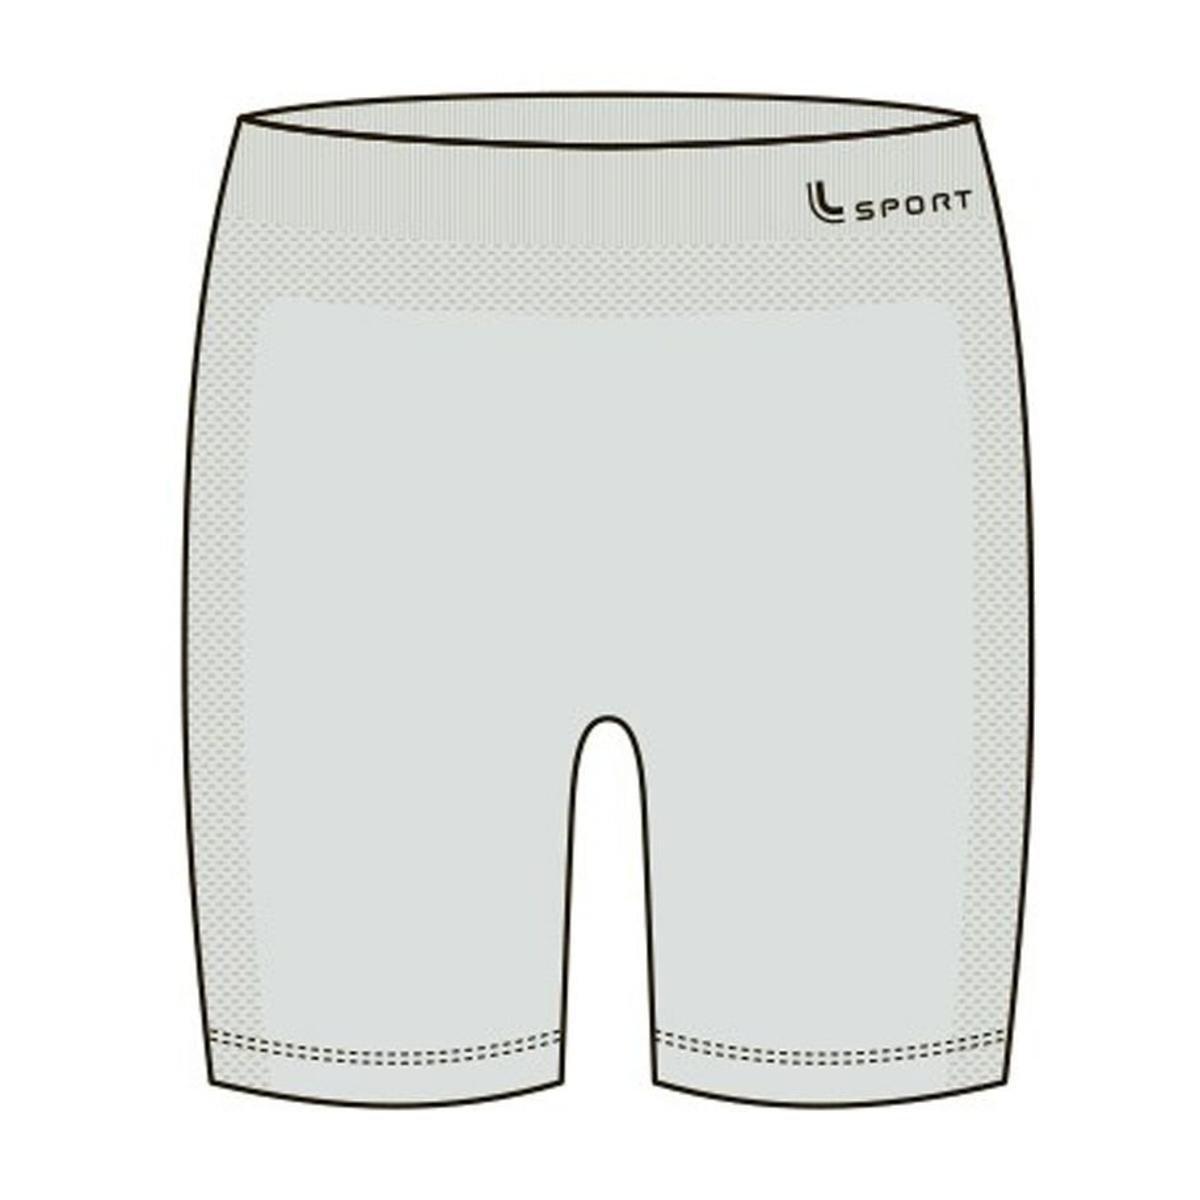 Bermuda Térmica Lupo Sport Emana - Branco - Compre Agora  a5fc0b37e378d